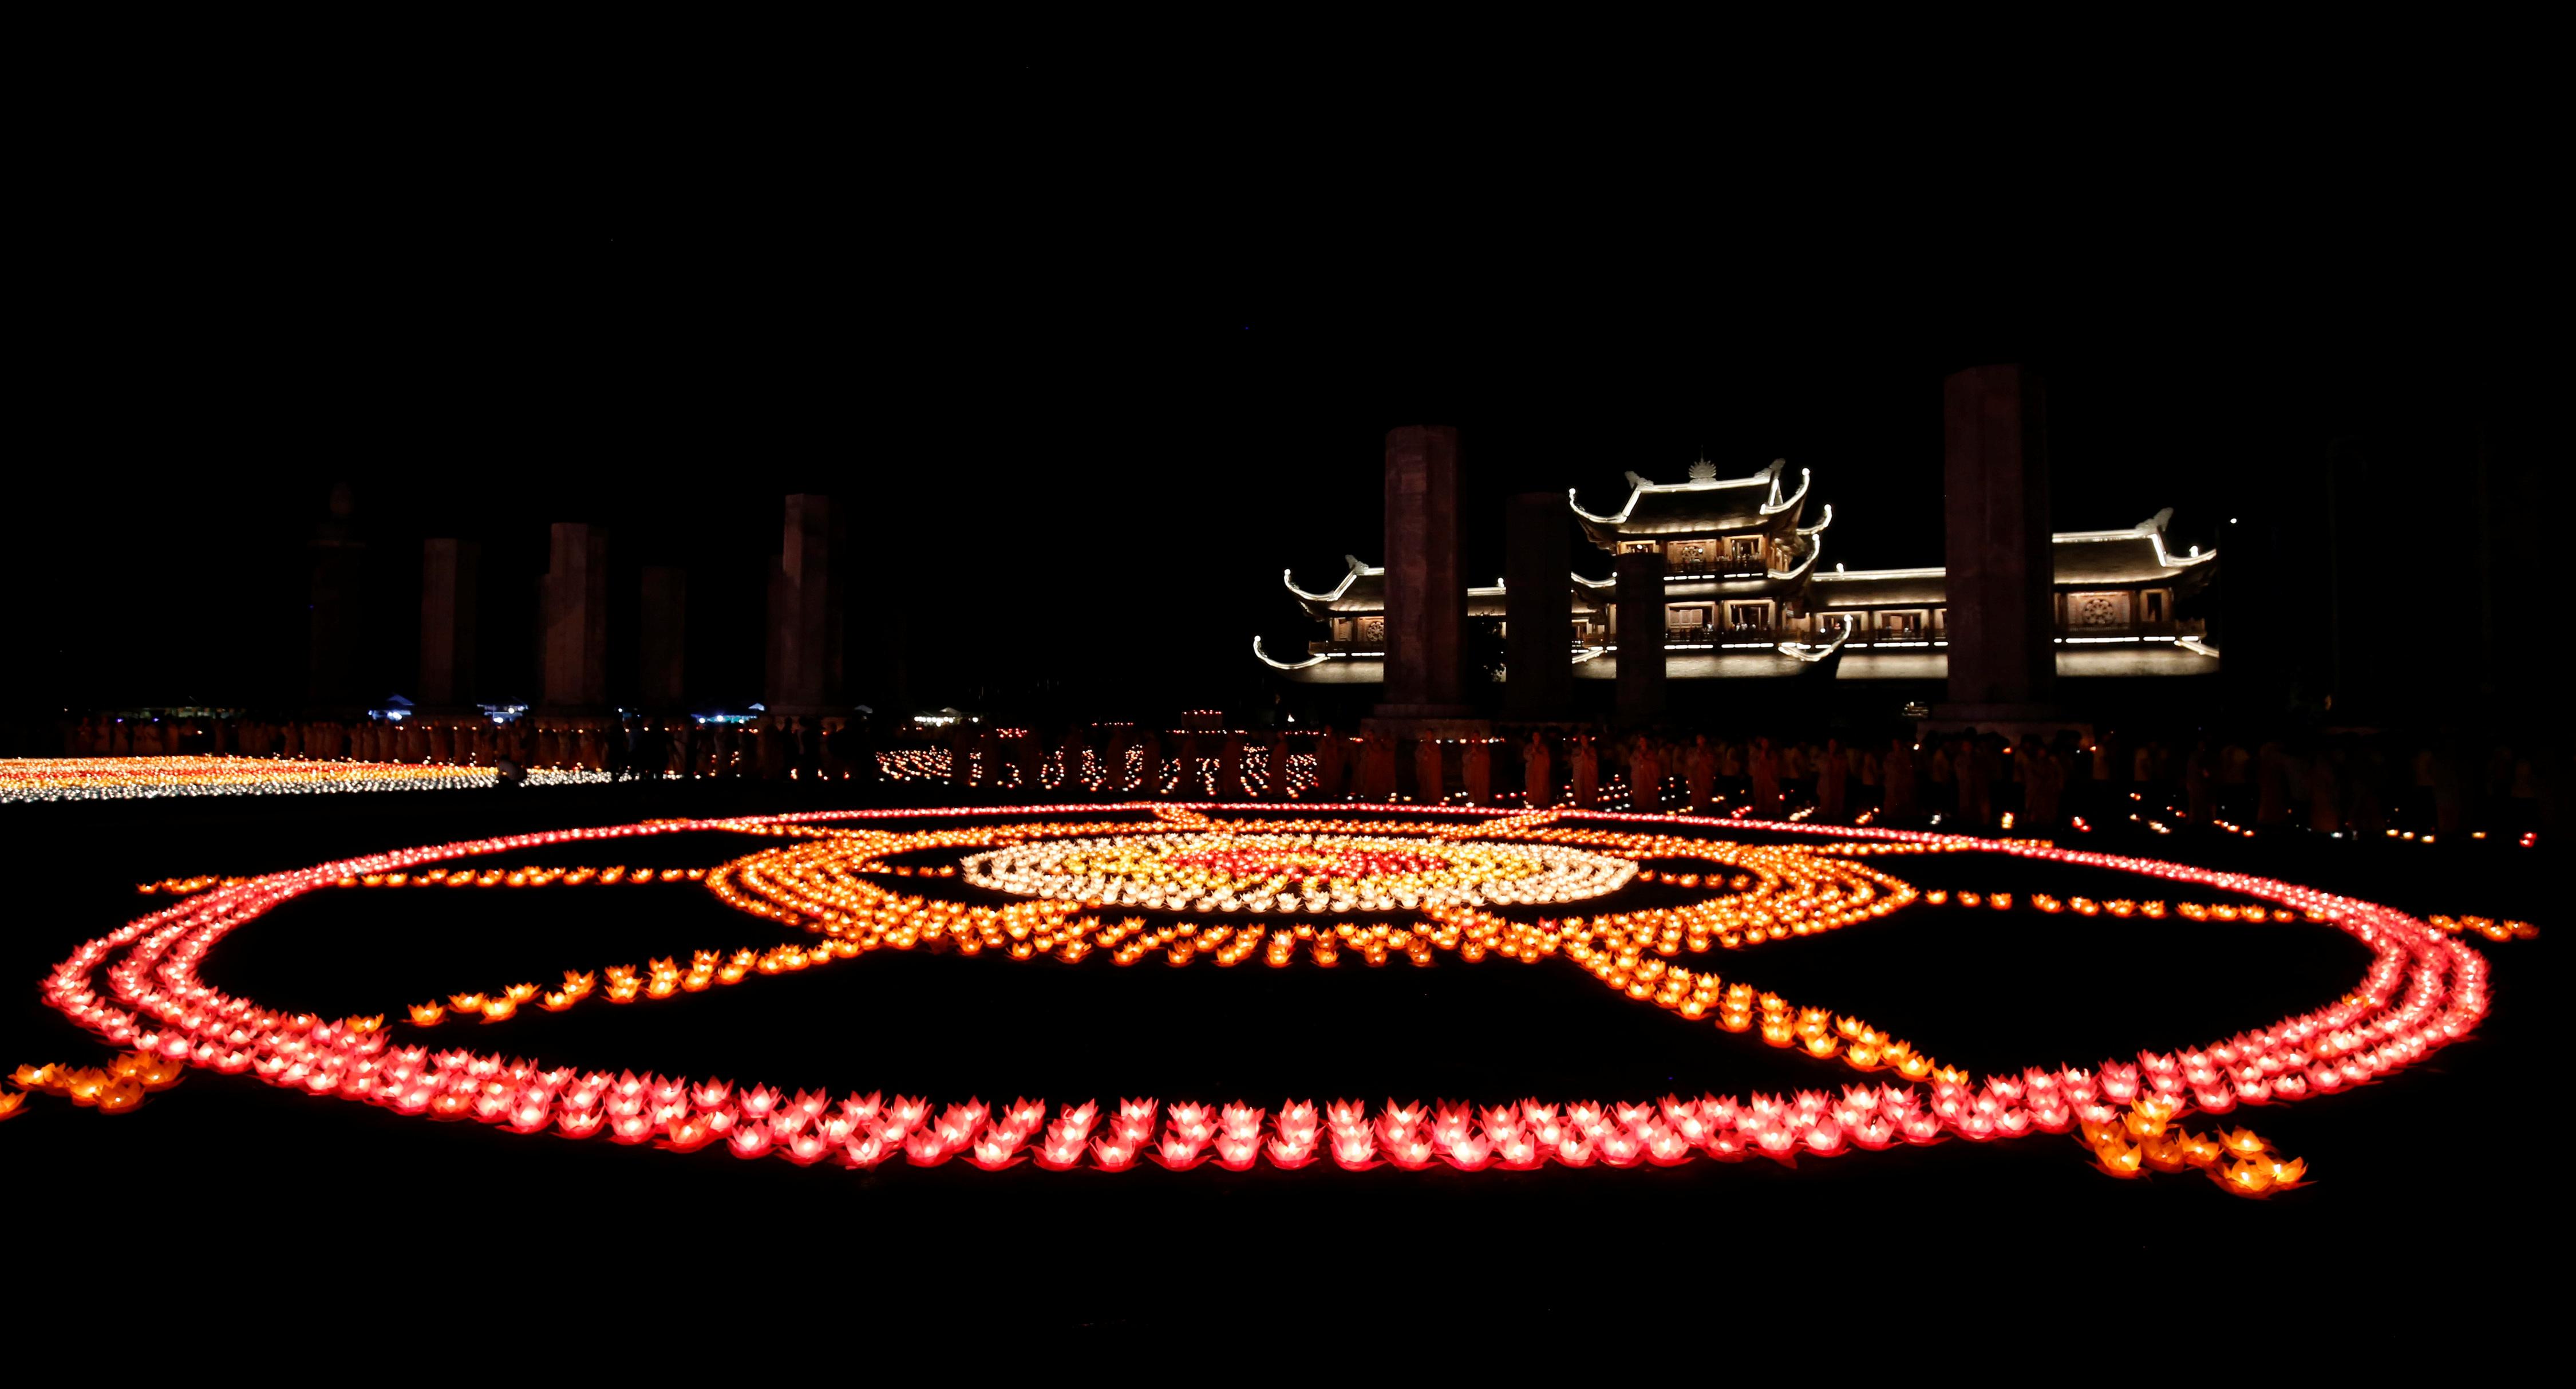 المهرجان الشعبى البوذى (2)